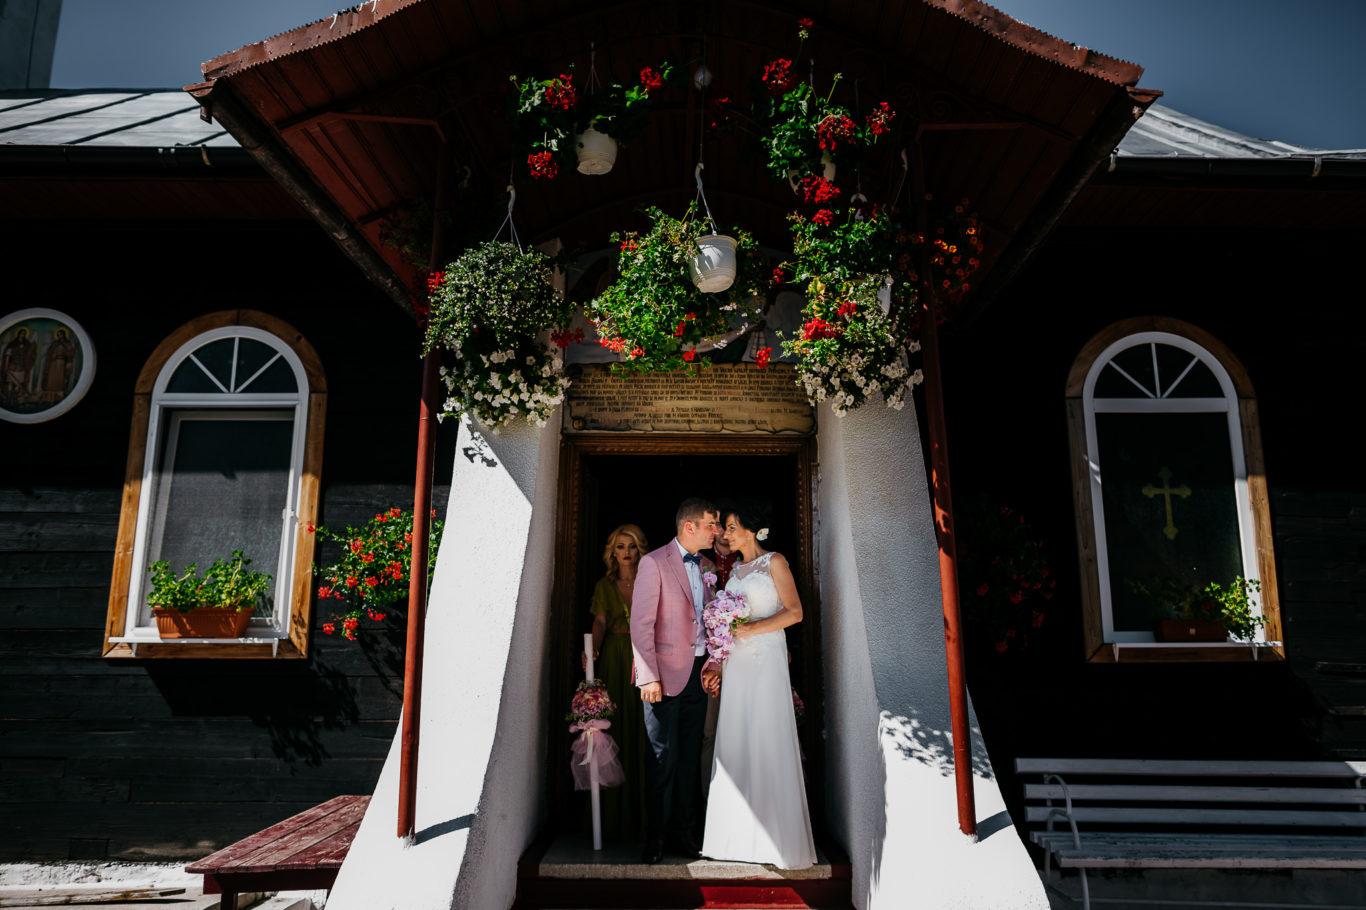 0221-fotografie-nunta-valea-de-pesti-vero-dani-fotograf-ciprian-dumitrescu-cd2_0589